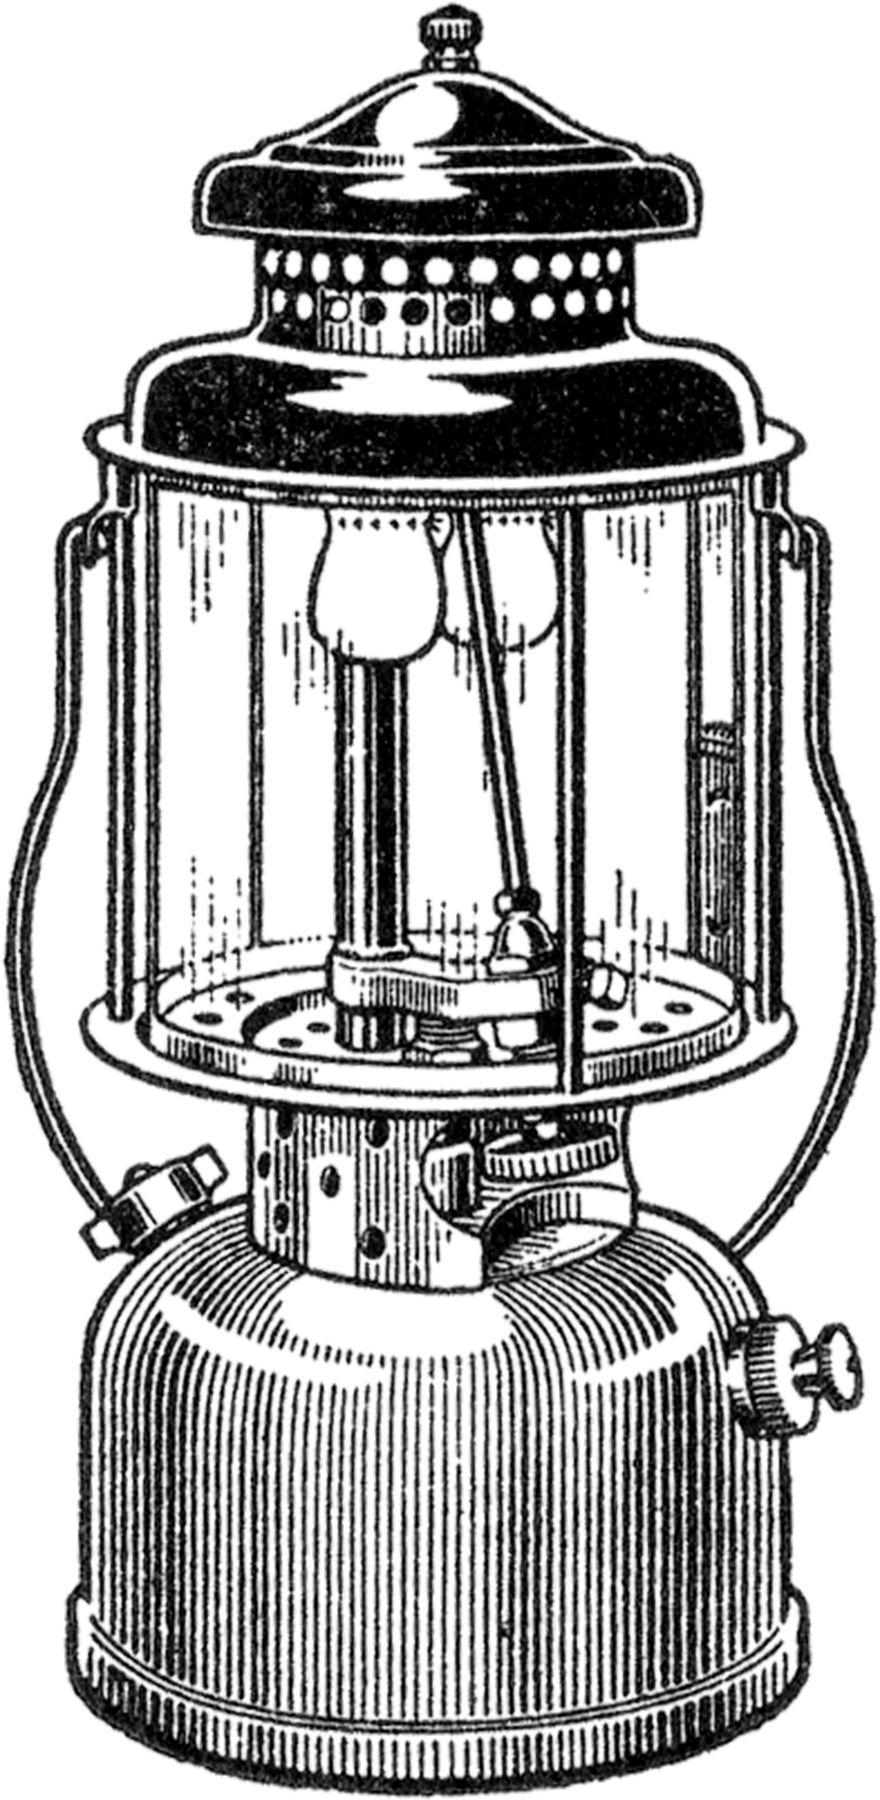 Free Vintage Camping Lantern Image | Camping lanterns, Vintage and Free for Camping Lantern Clipart  181pct